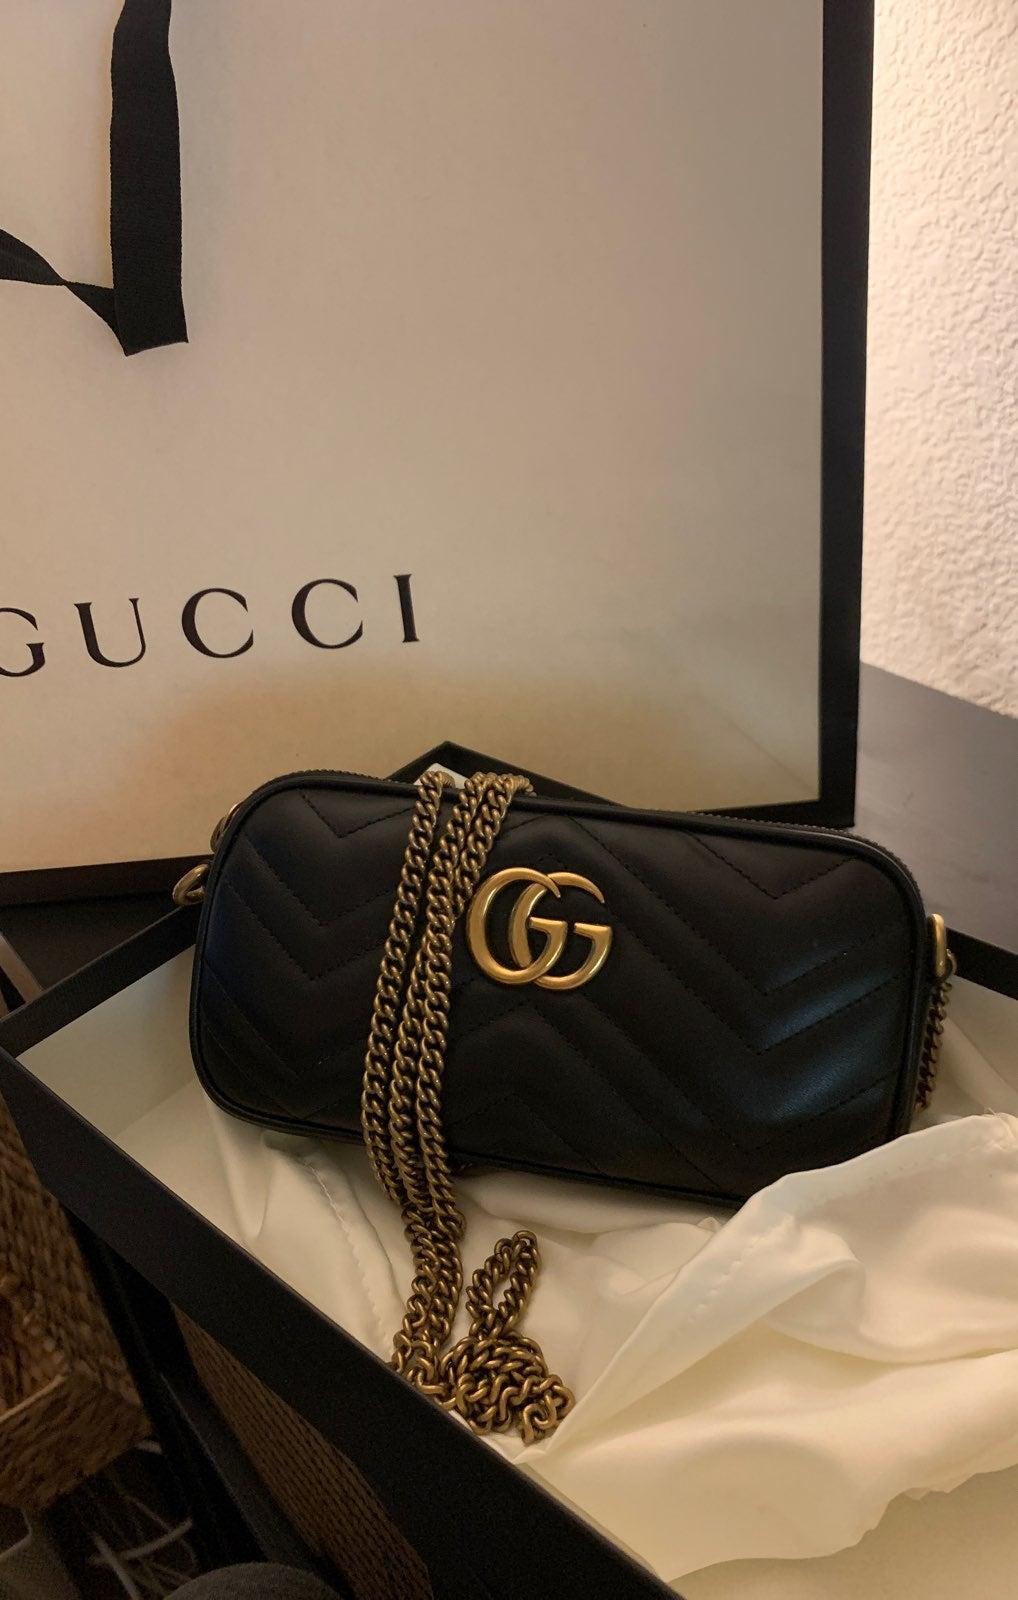 GG Marmont Mini Chain Bag in Black